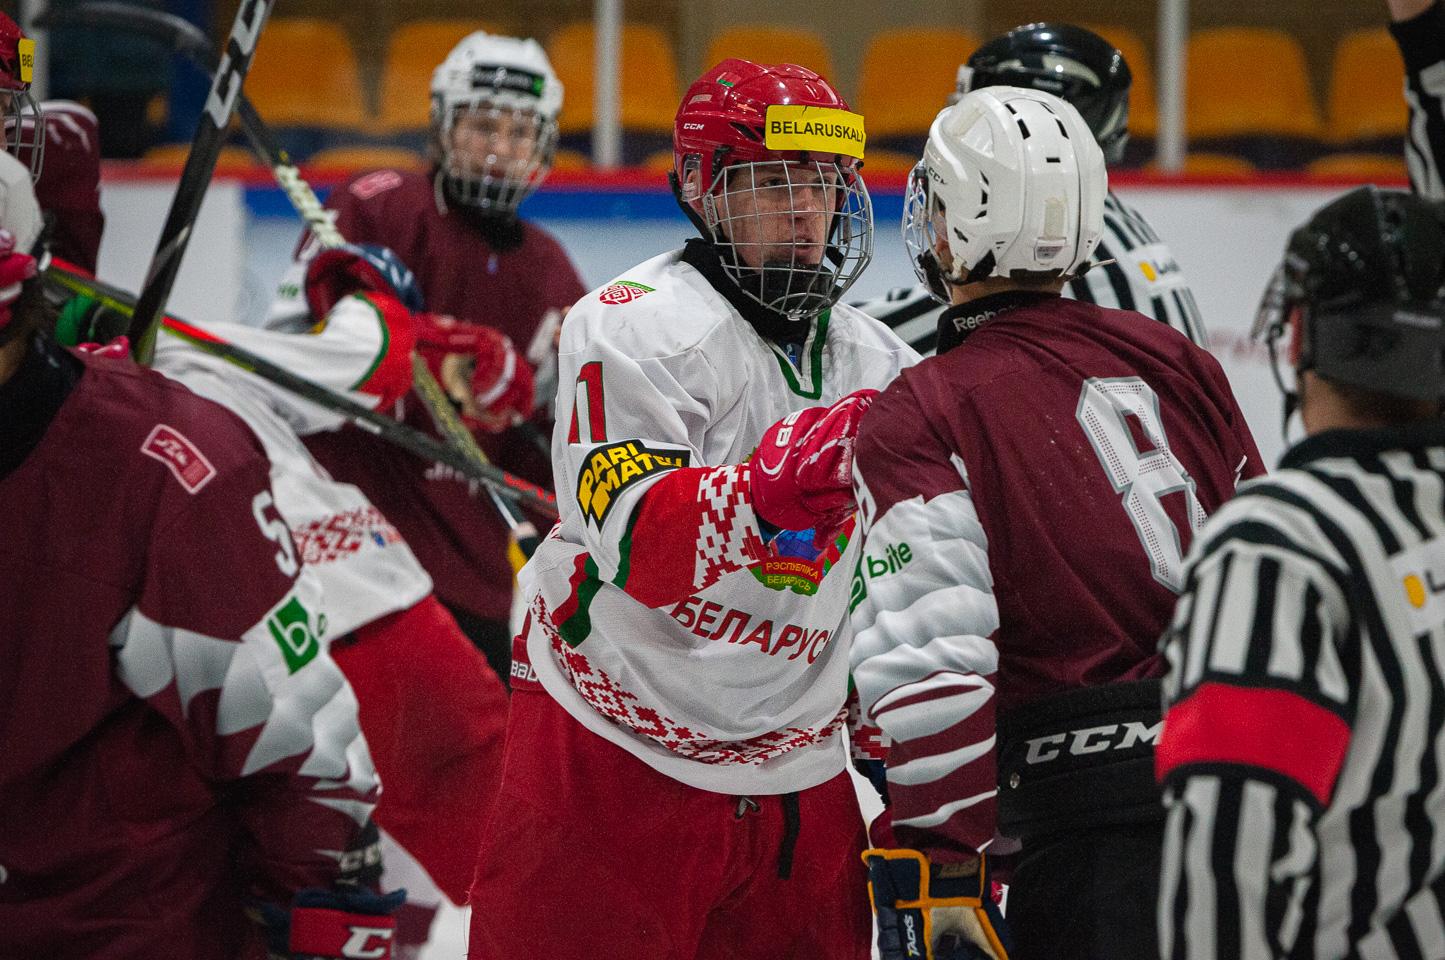 Trīs nāciju pārbaudes turnīra spēle starp Latvijas U-18 un Baltkrievijas U-18 valstsvienībā Jelgavas ledus hallē 2019. gada 14. decembrī. | Foto: Ruslans Antropovs / rusantro.com